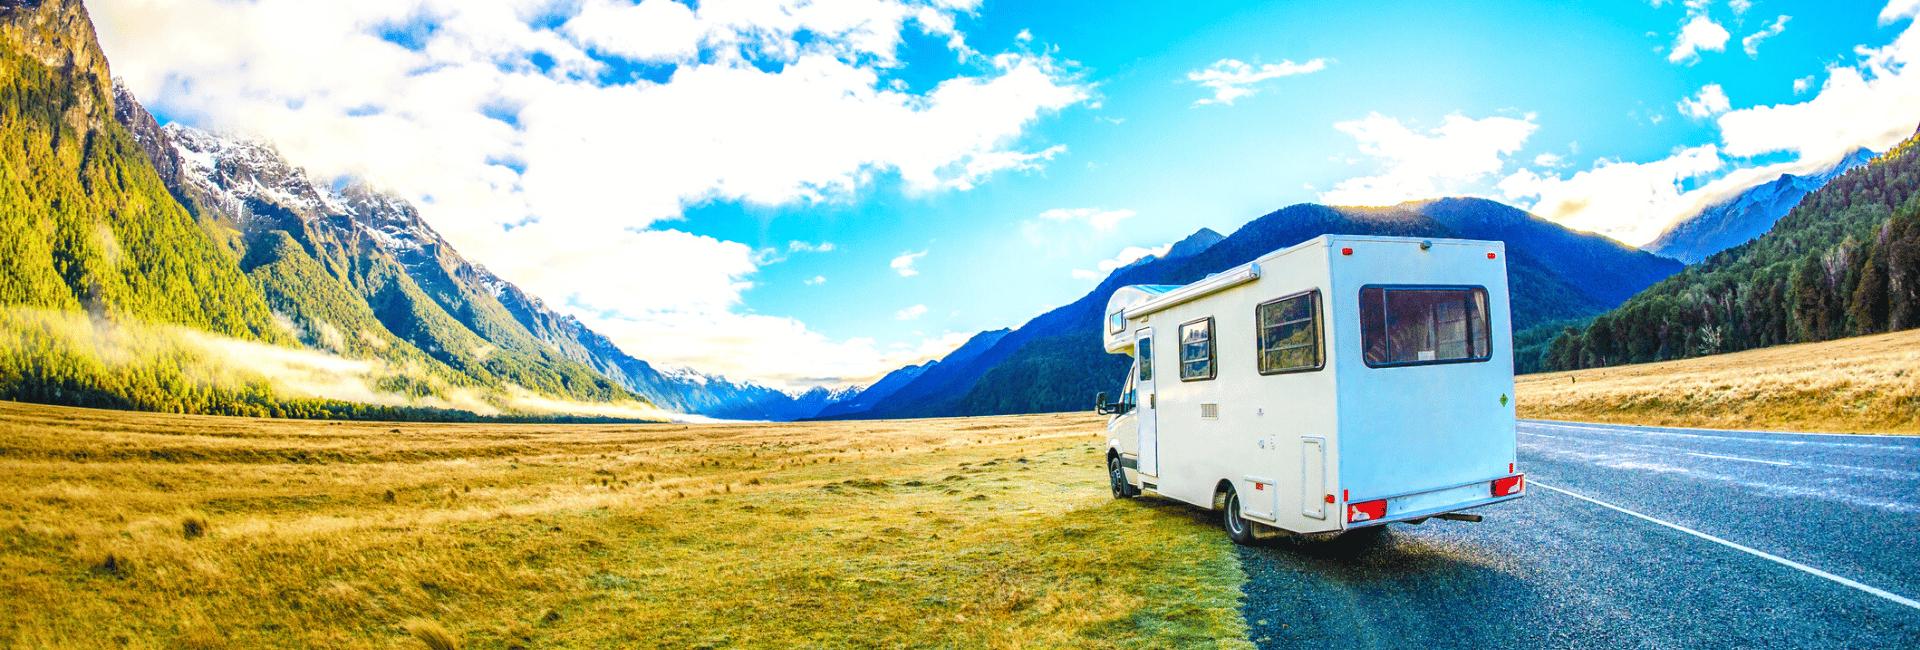 Danmarks bedste autocamper-ferier i New Zealand med Risskov Rejser